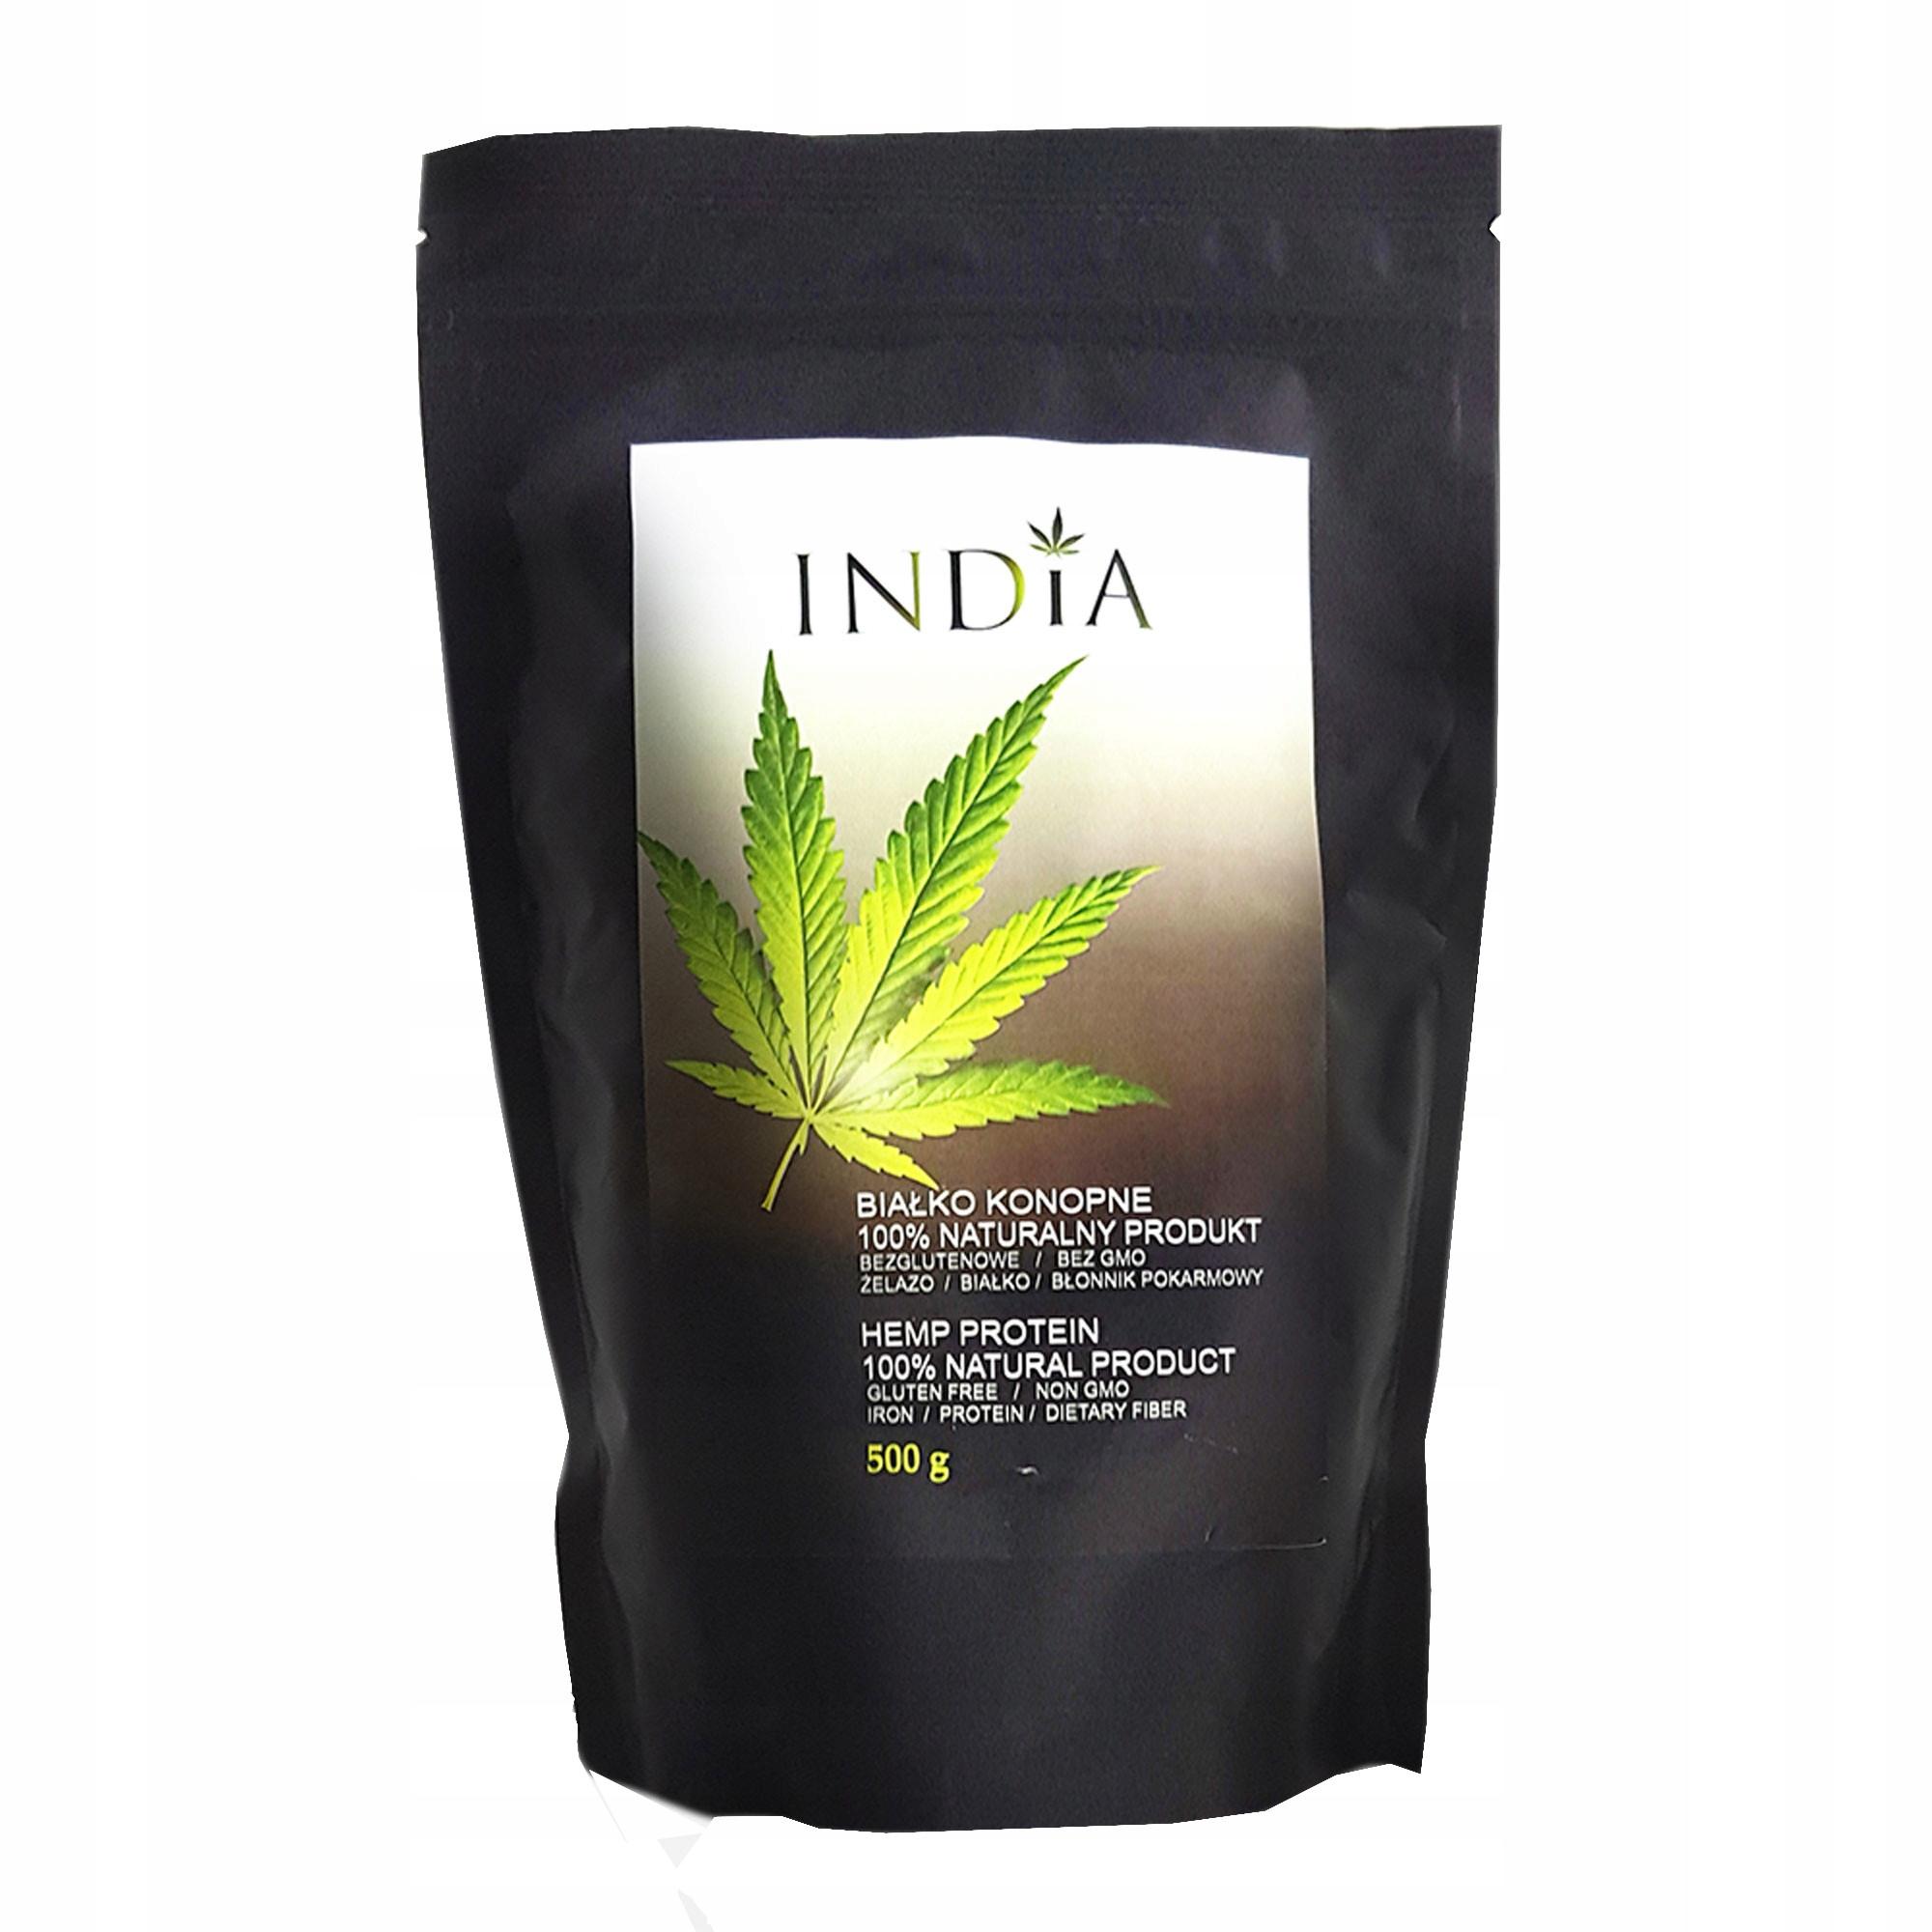 Białko konopne India 500 gBEZ GMO OSTATNIE SZTUKI